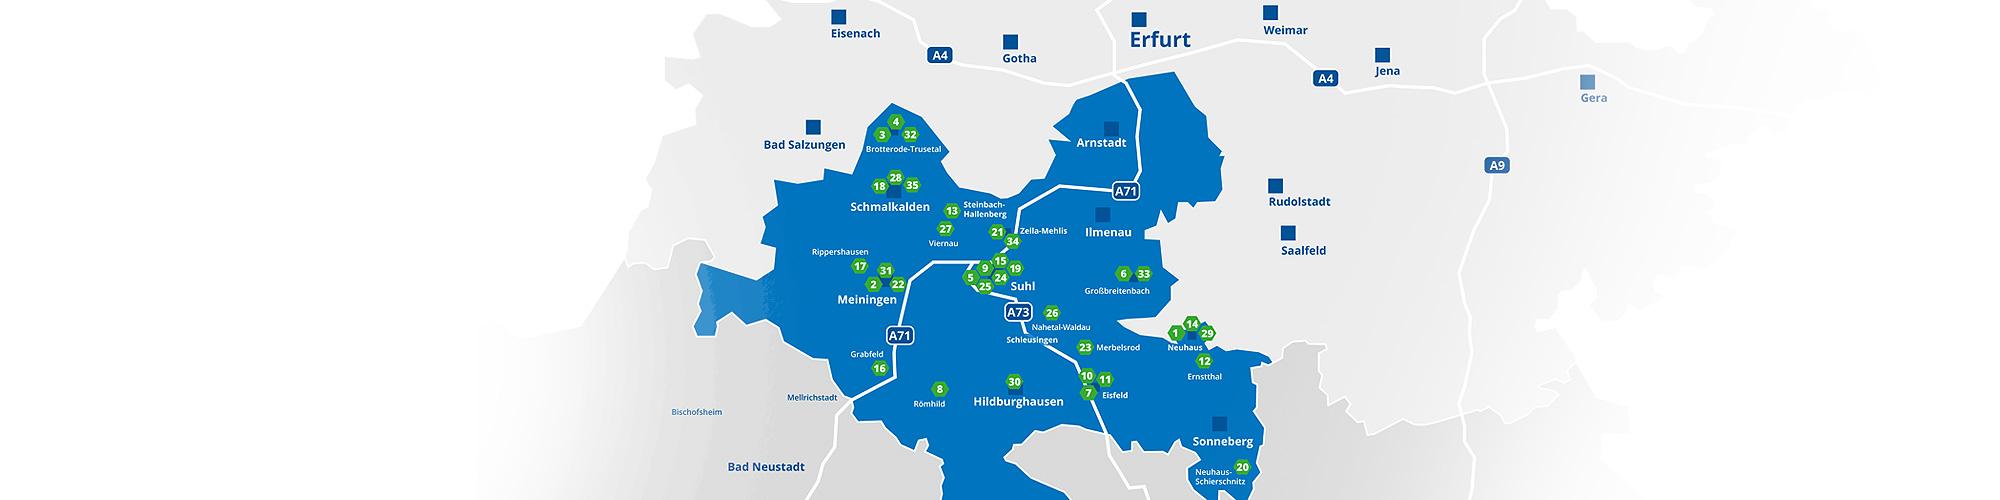 Karte mit den Standorten der teilnehmenden Thüringer Unternehmen bei der Industrie InTouch 2017